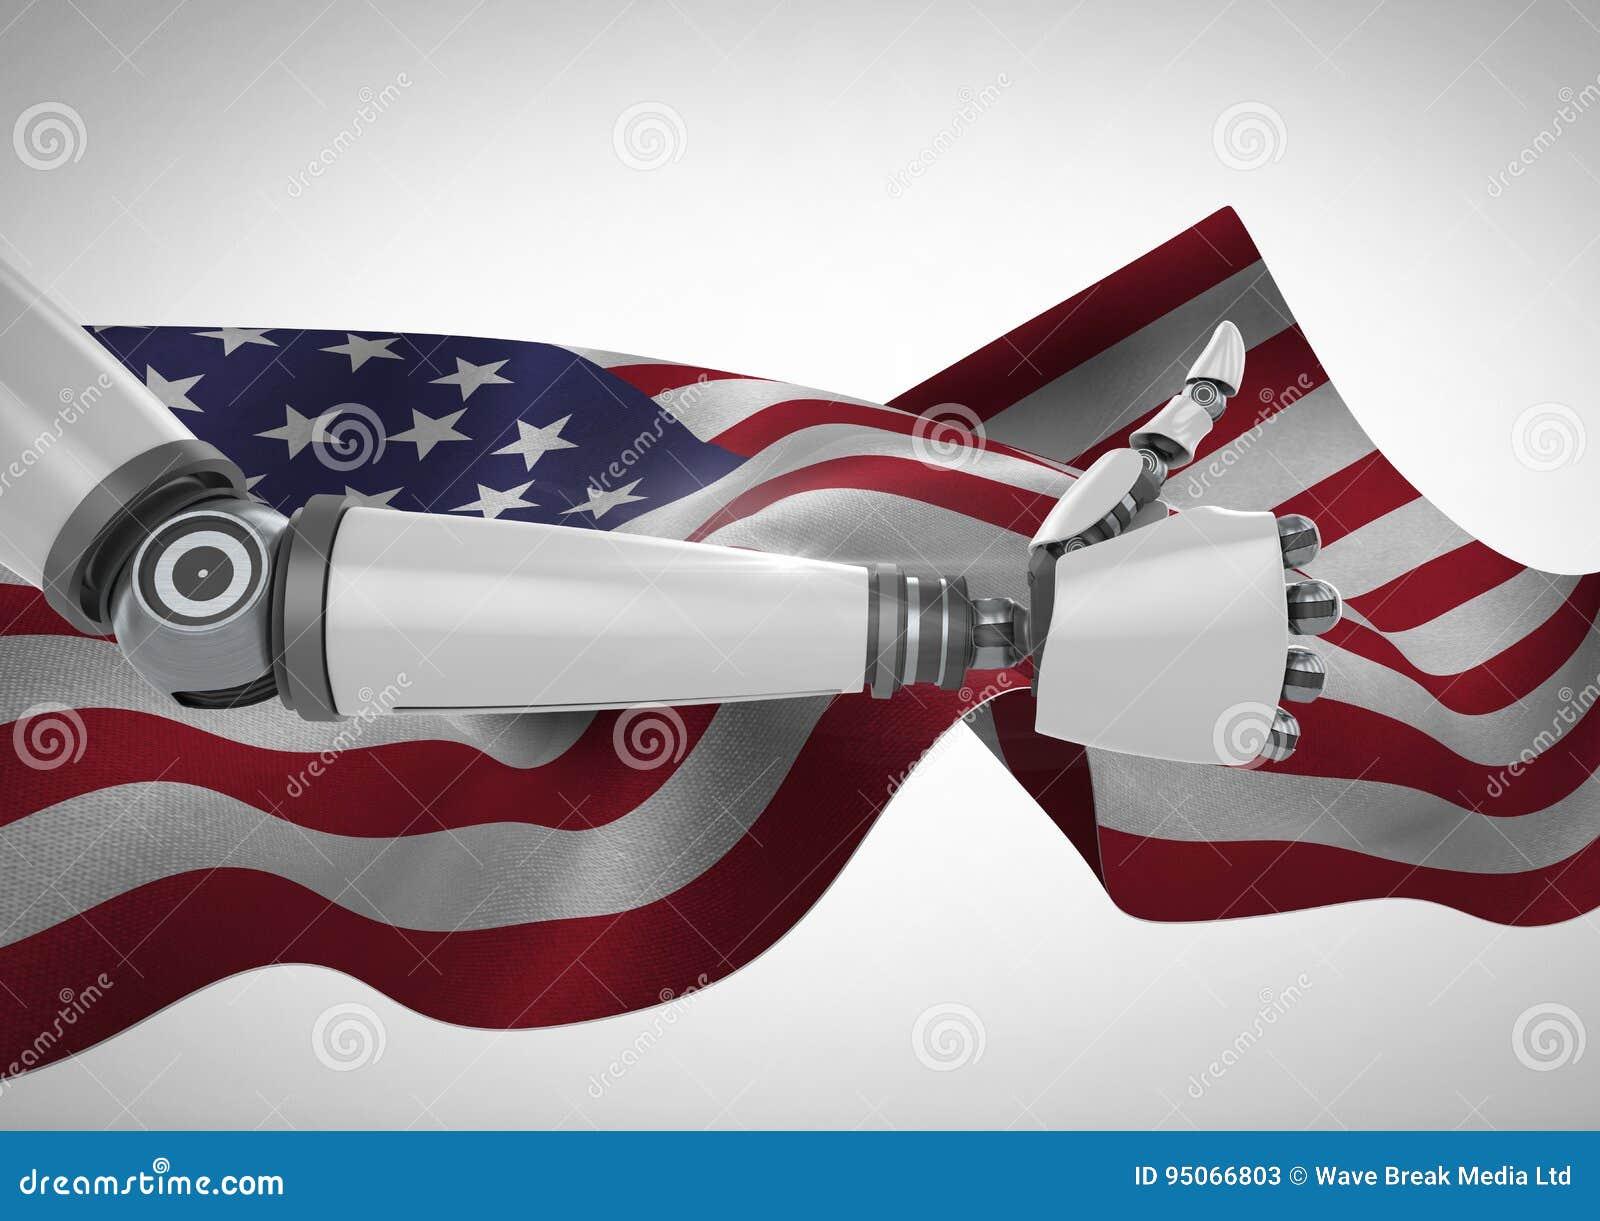 Polegares acima do robô contra a bandeira americana de vibração